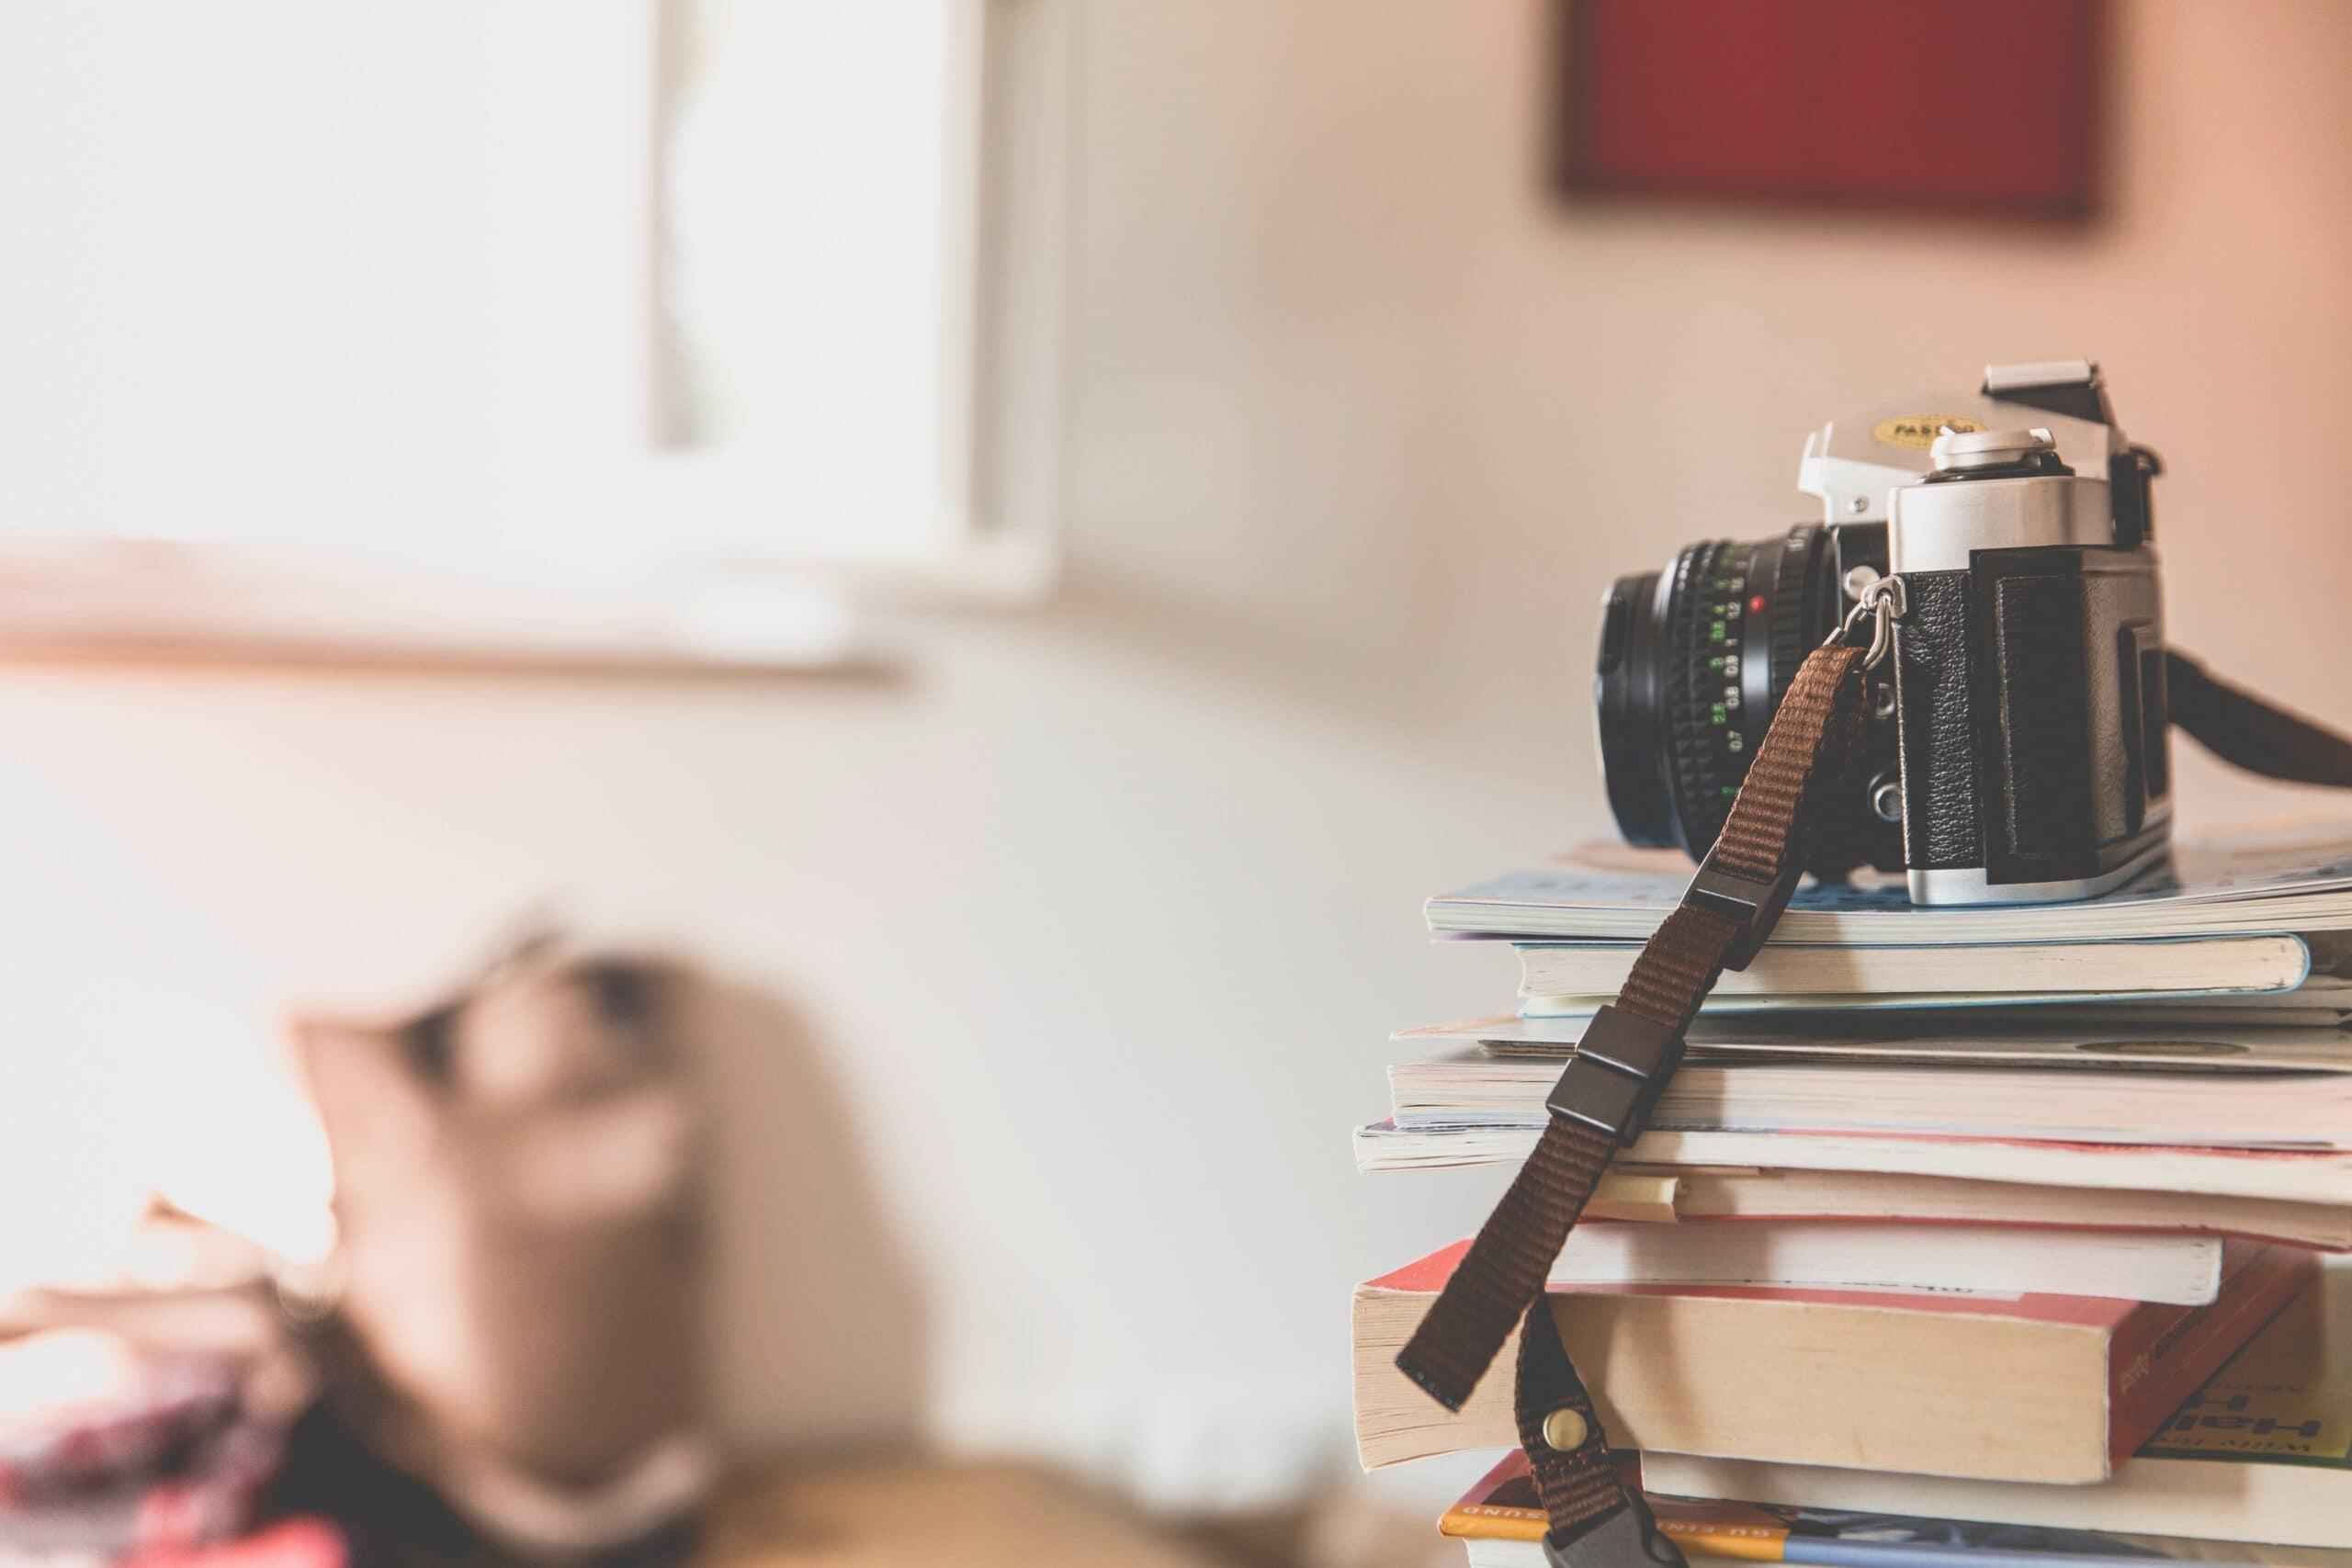 Kamera uppe på böcker